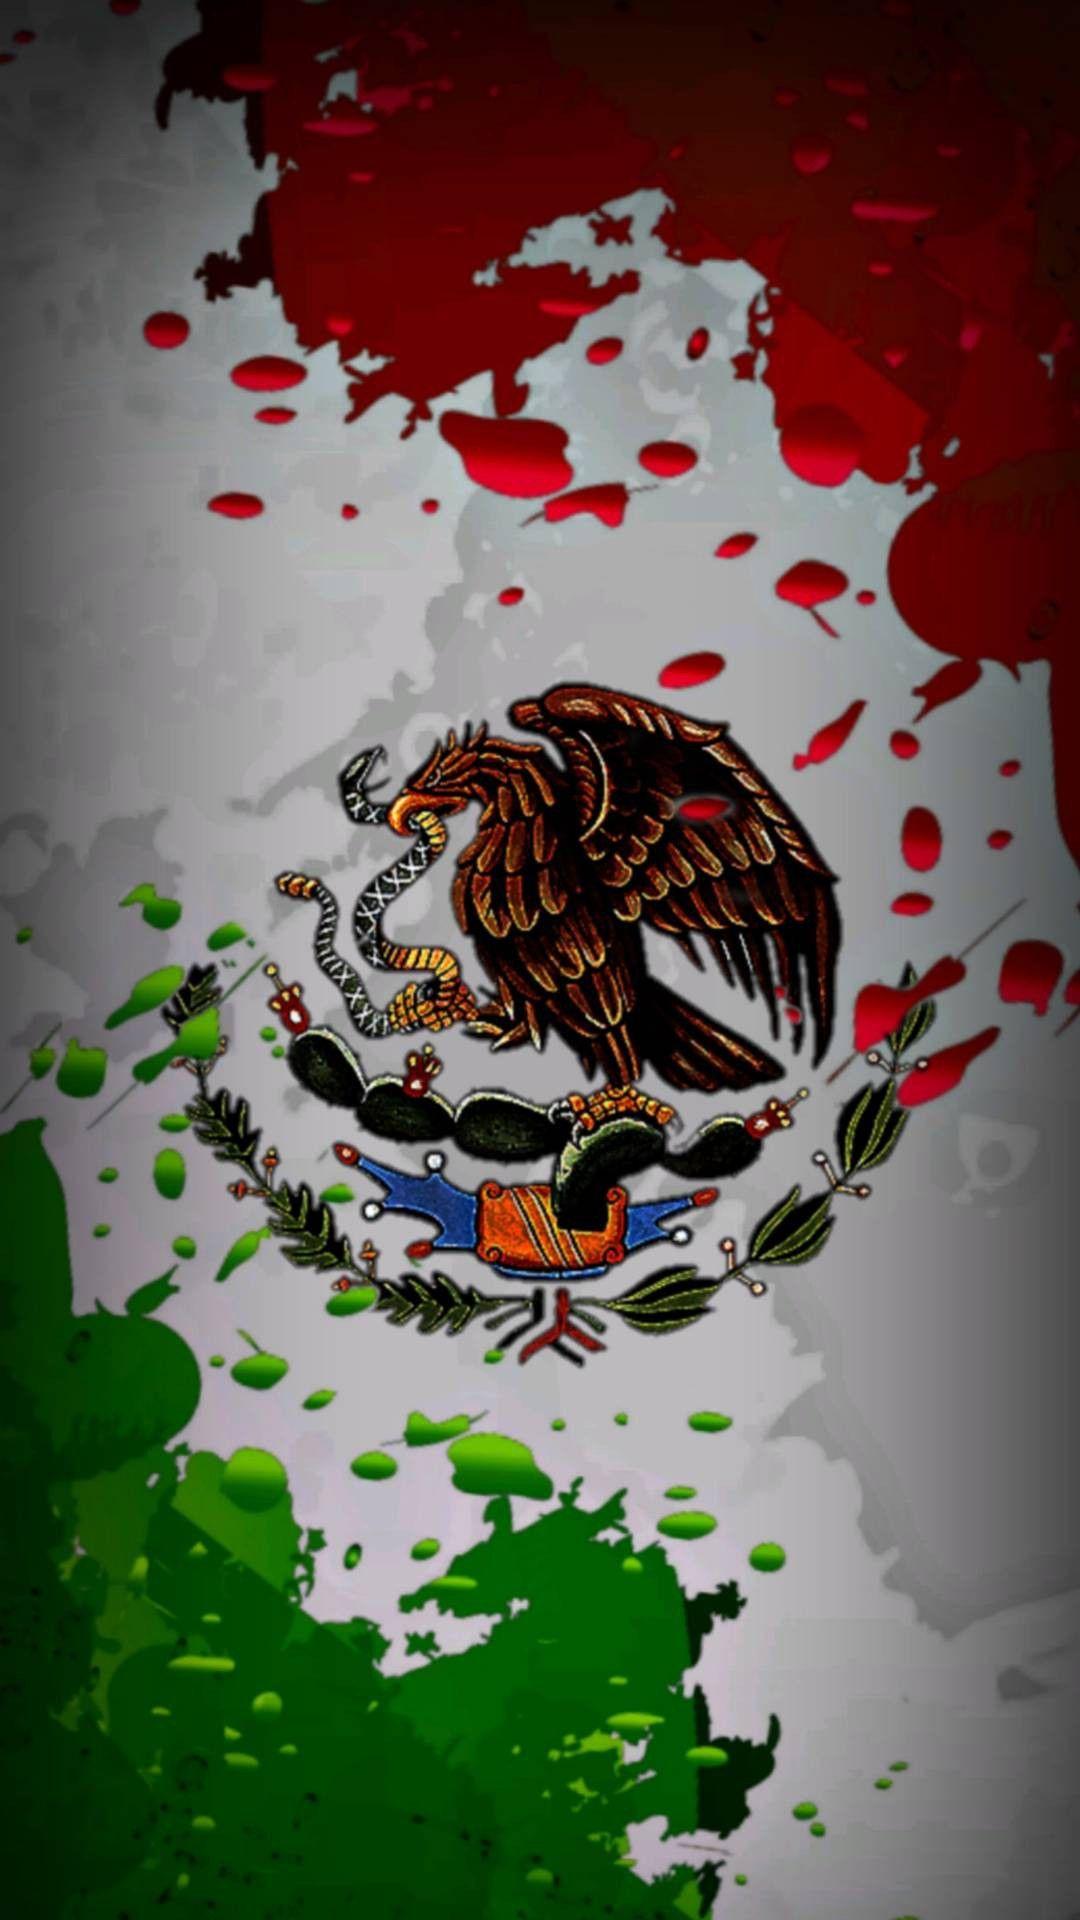 Pin By Francisco Tenorio On Protectores De Pantalla Mexico Wallpaper Mexican Culture Art Mexican Art